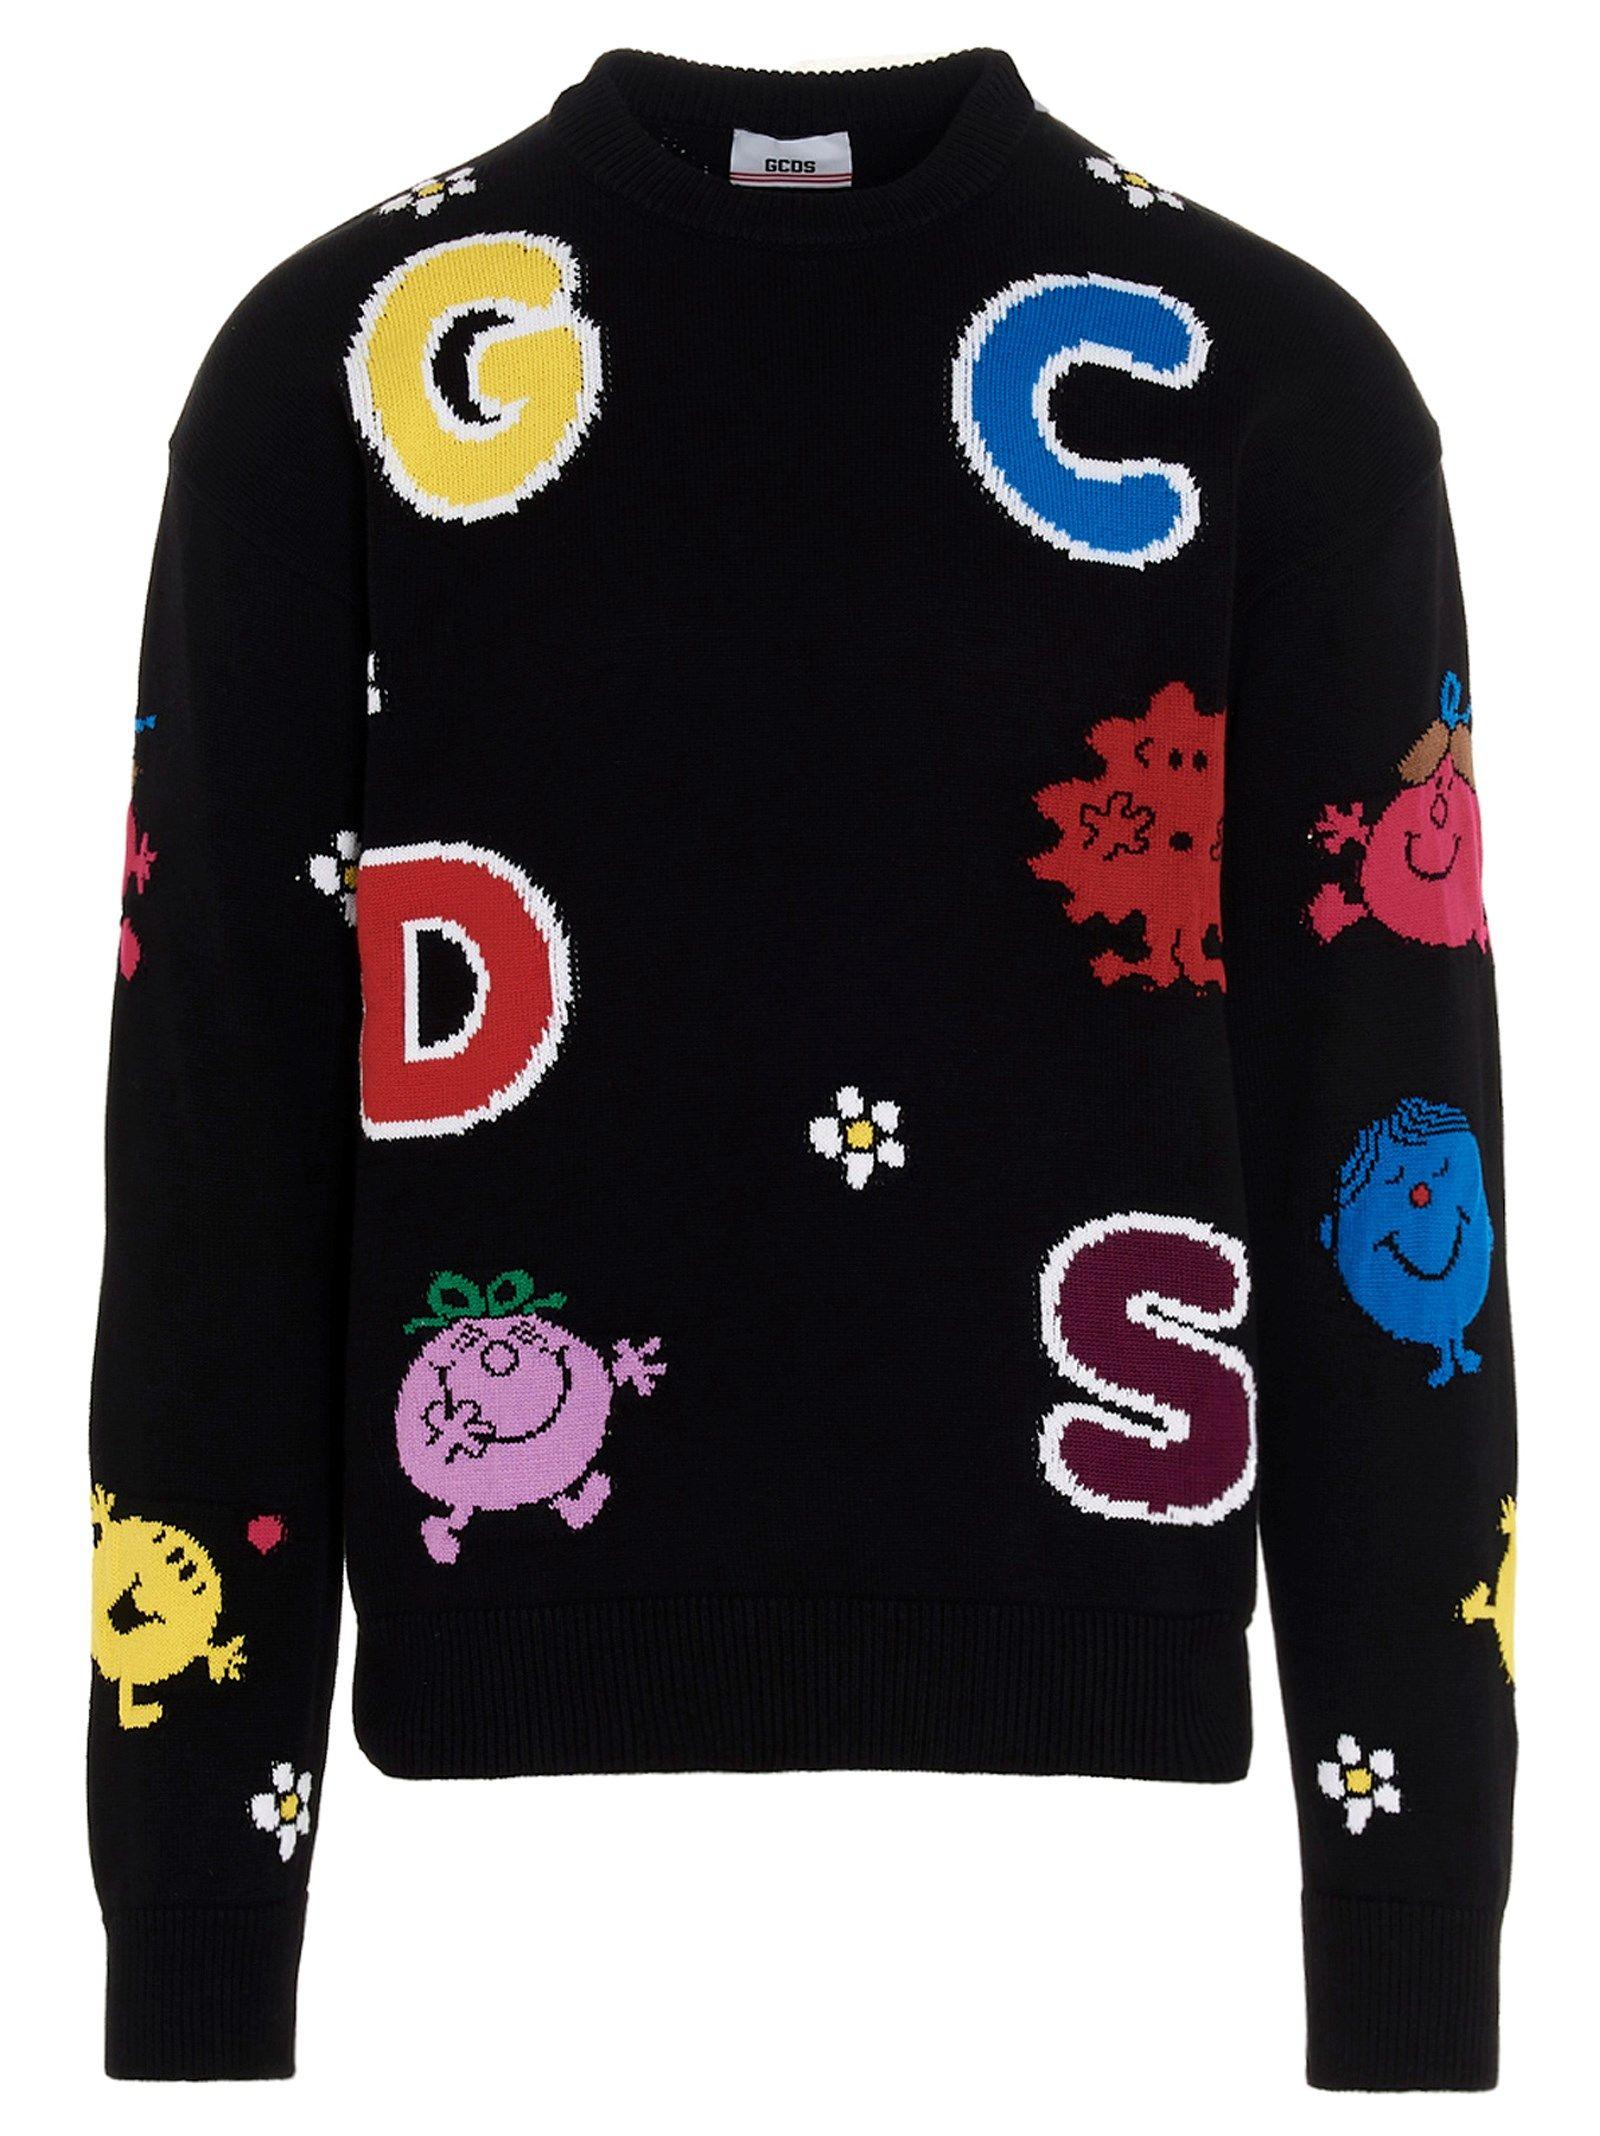 Gcds Cottons GCDS MEN'S BLACK OTHER MATERIALS SWEATER